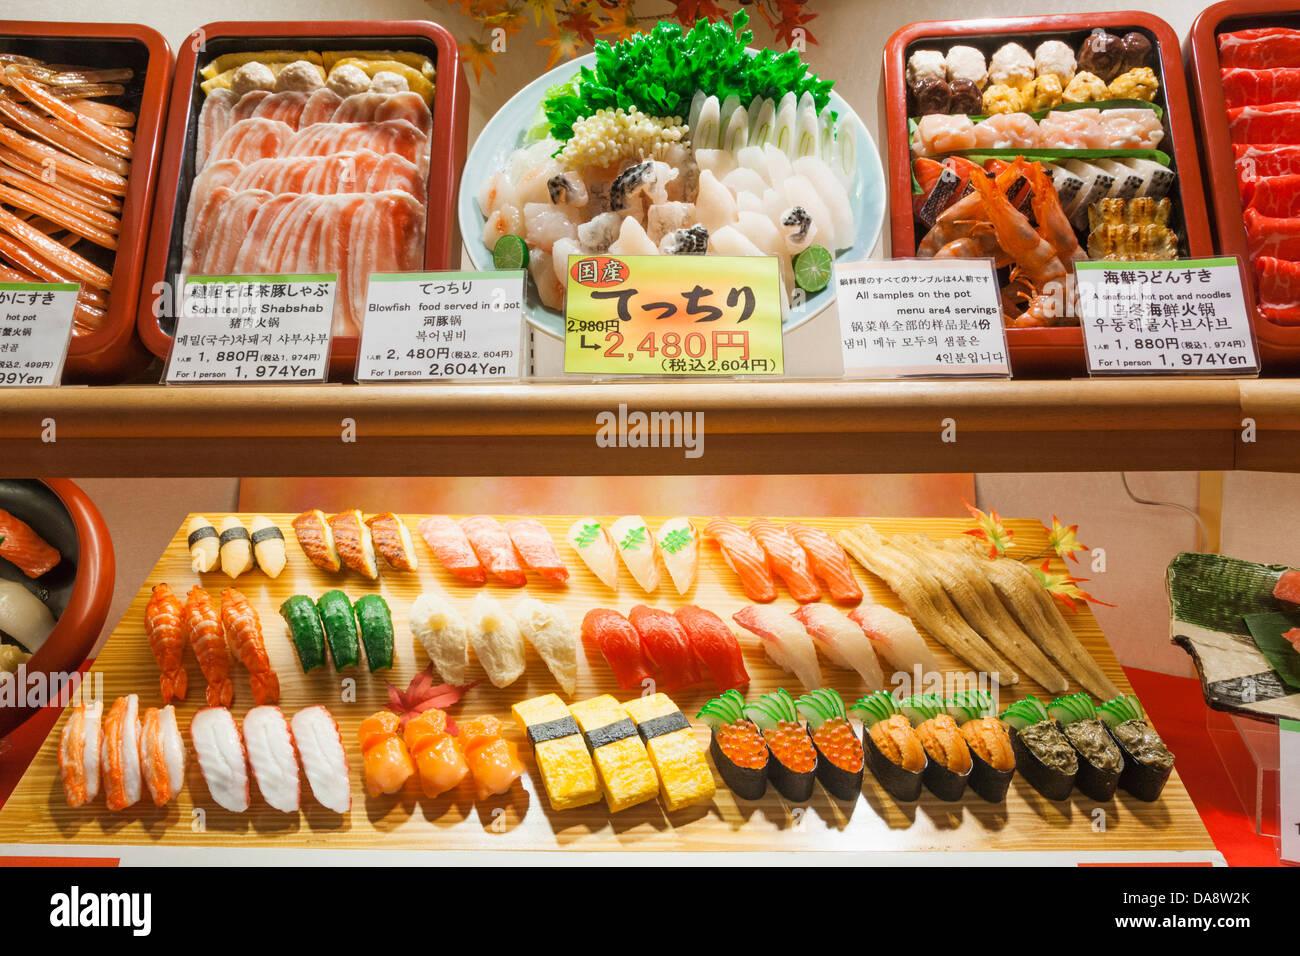 Japan Honshu Kansai Osaka Namba Dotombori Street Plastic Food